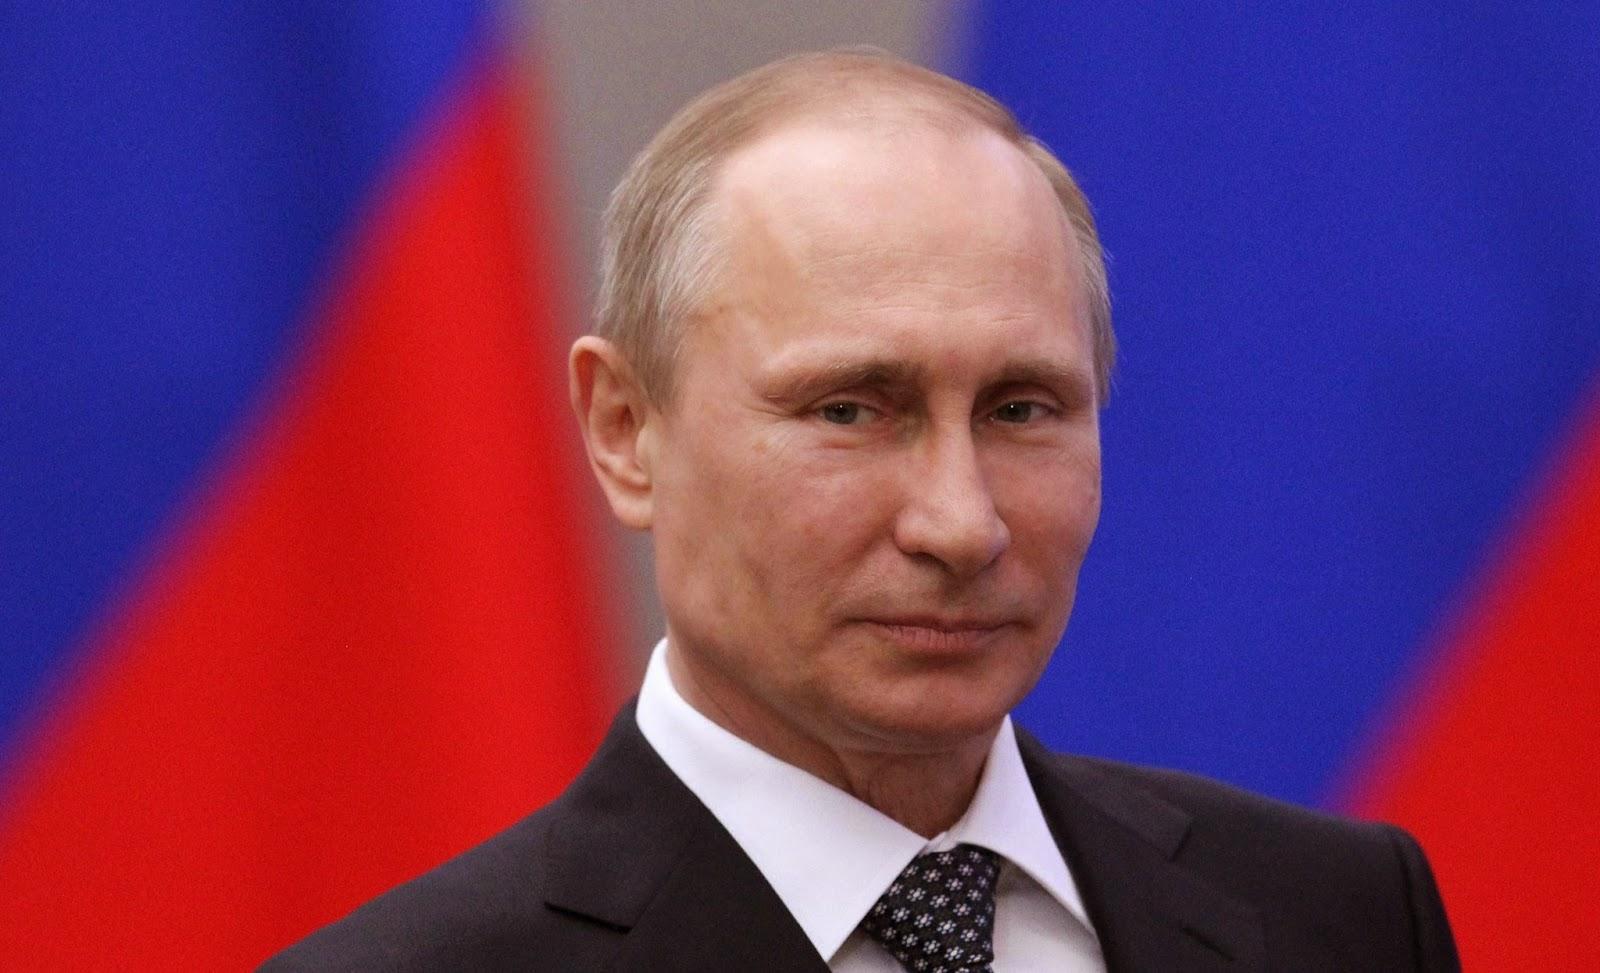 Putin Kanser Mi? PUTİN KANSERE Mİ YAKALANDI?